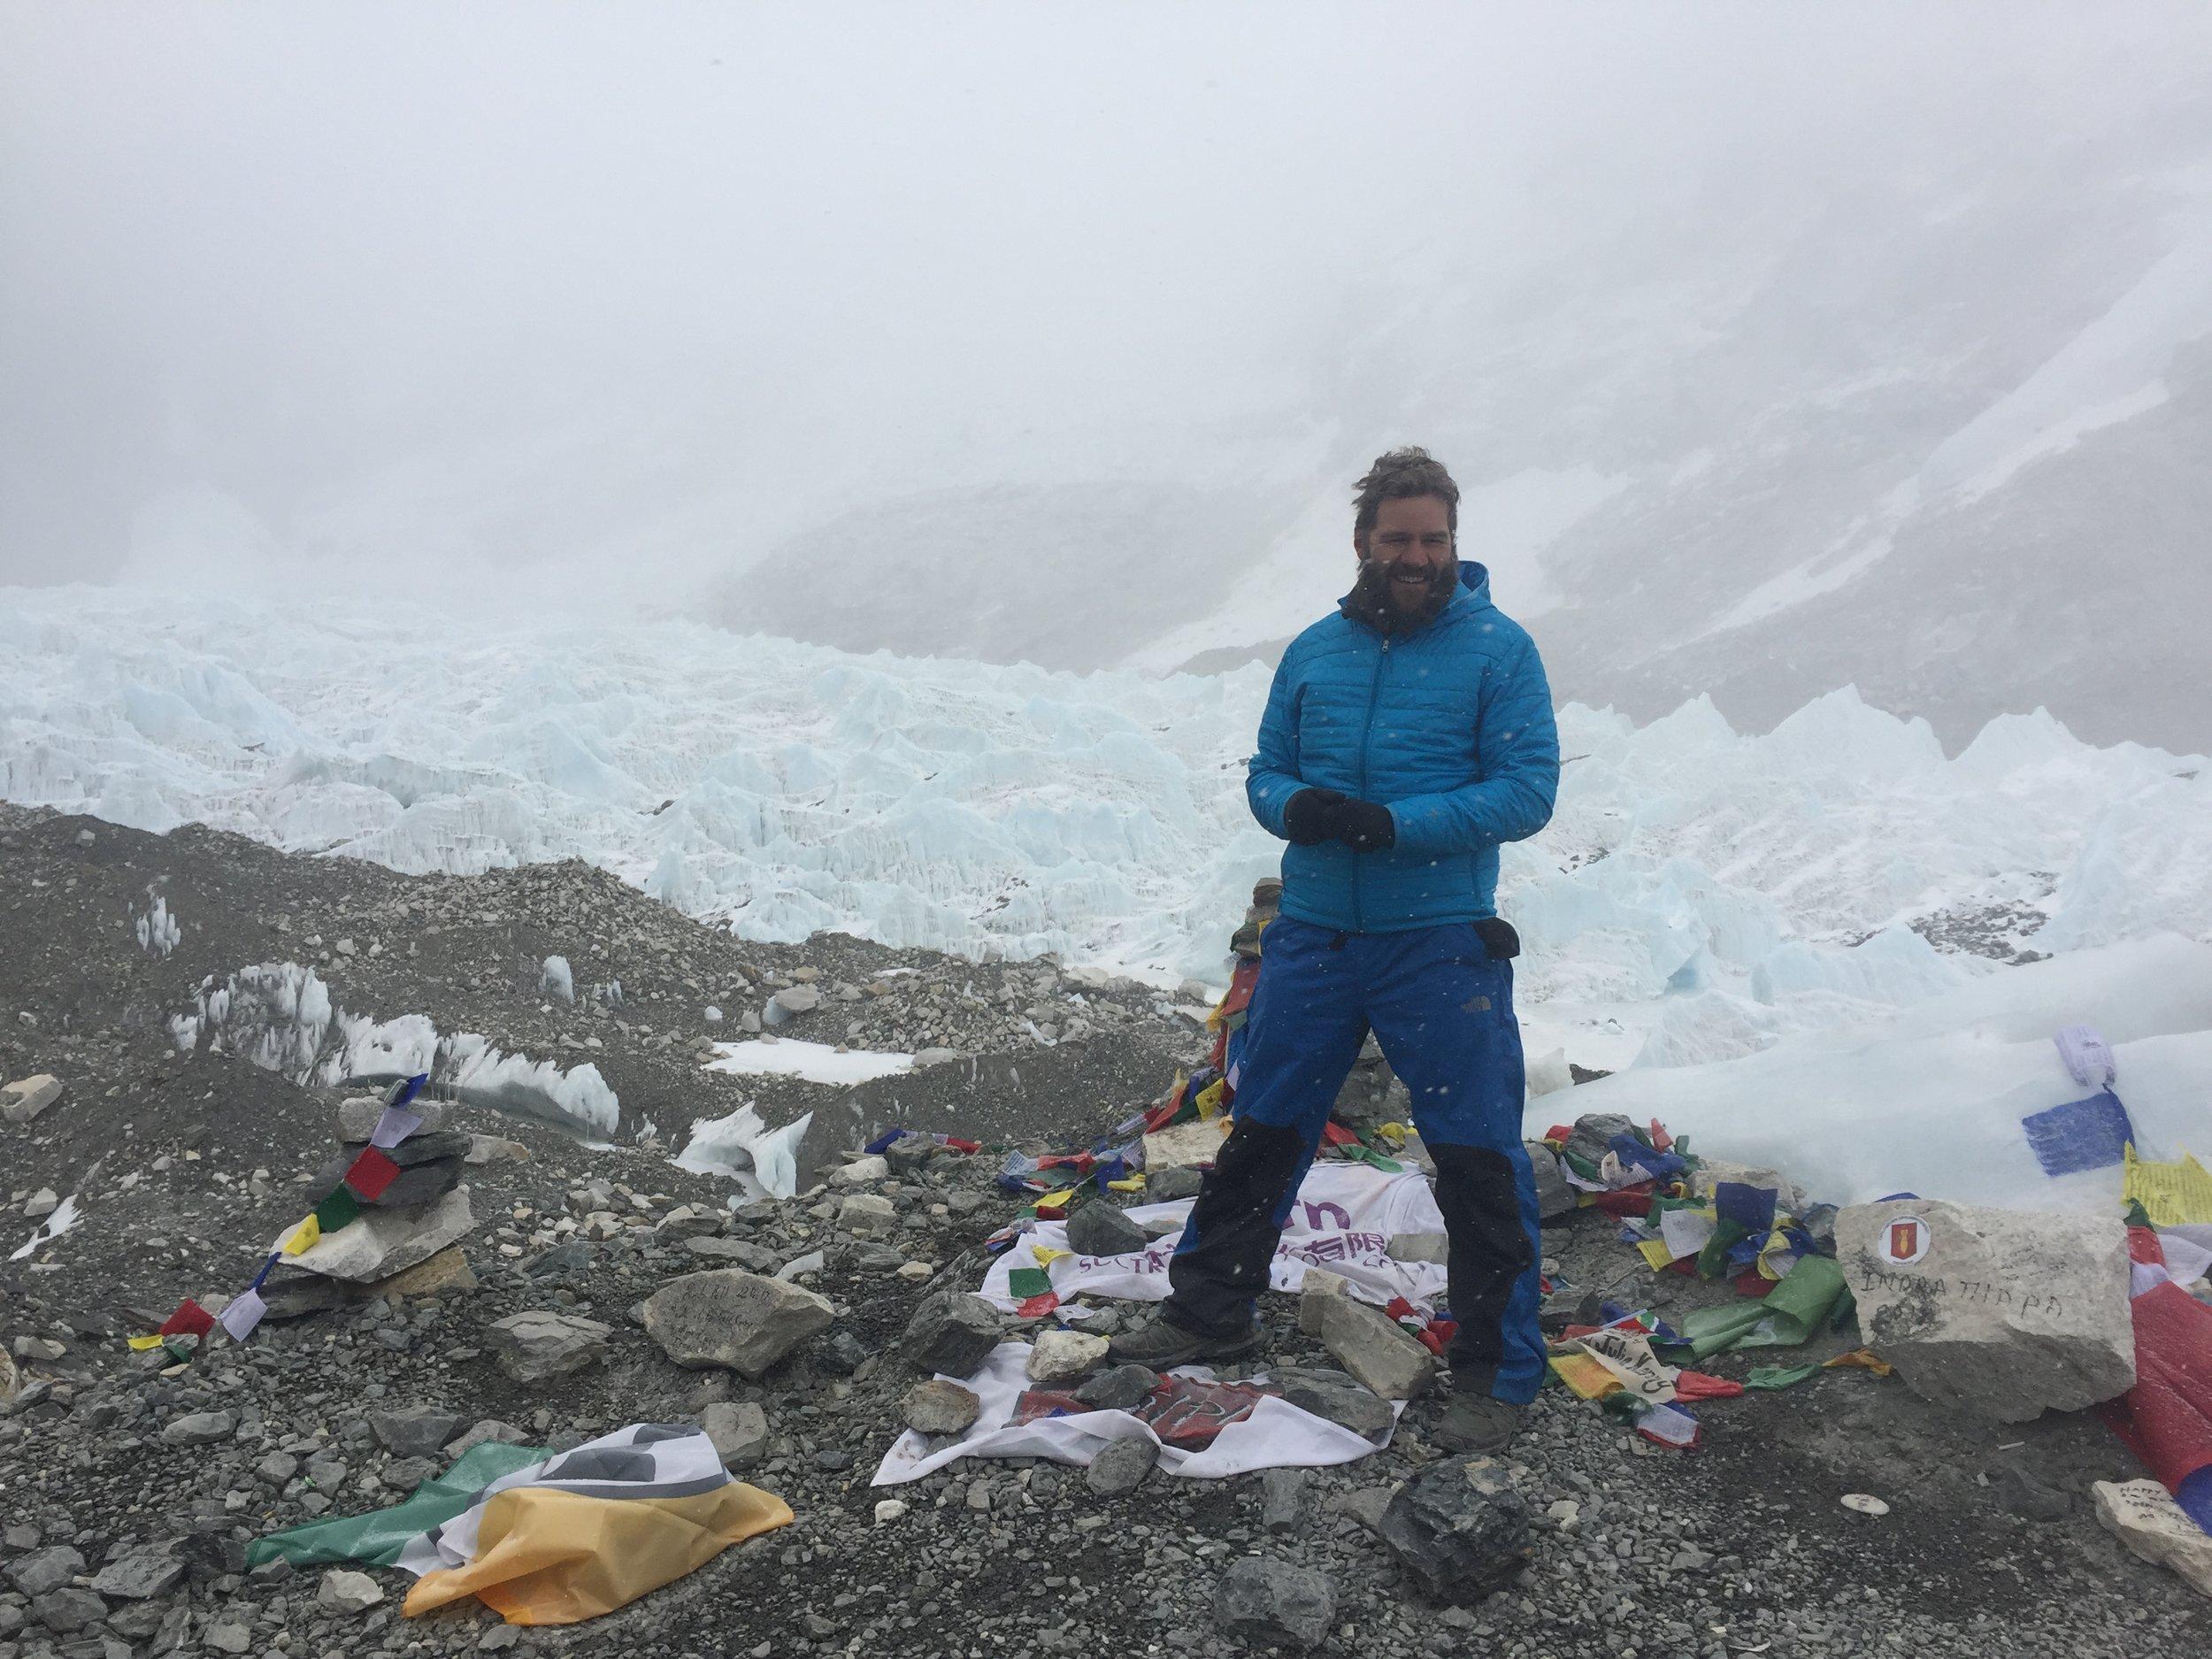 Shannon Goldsmith at Everest Base Camp on the Khumbu Glacier